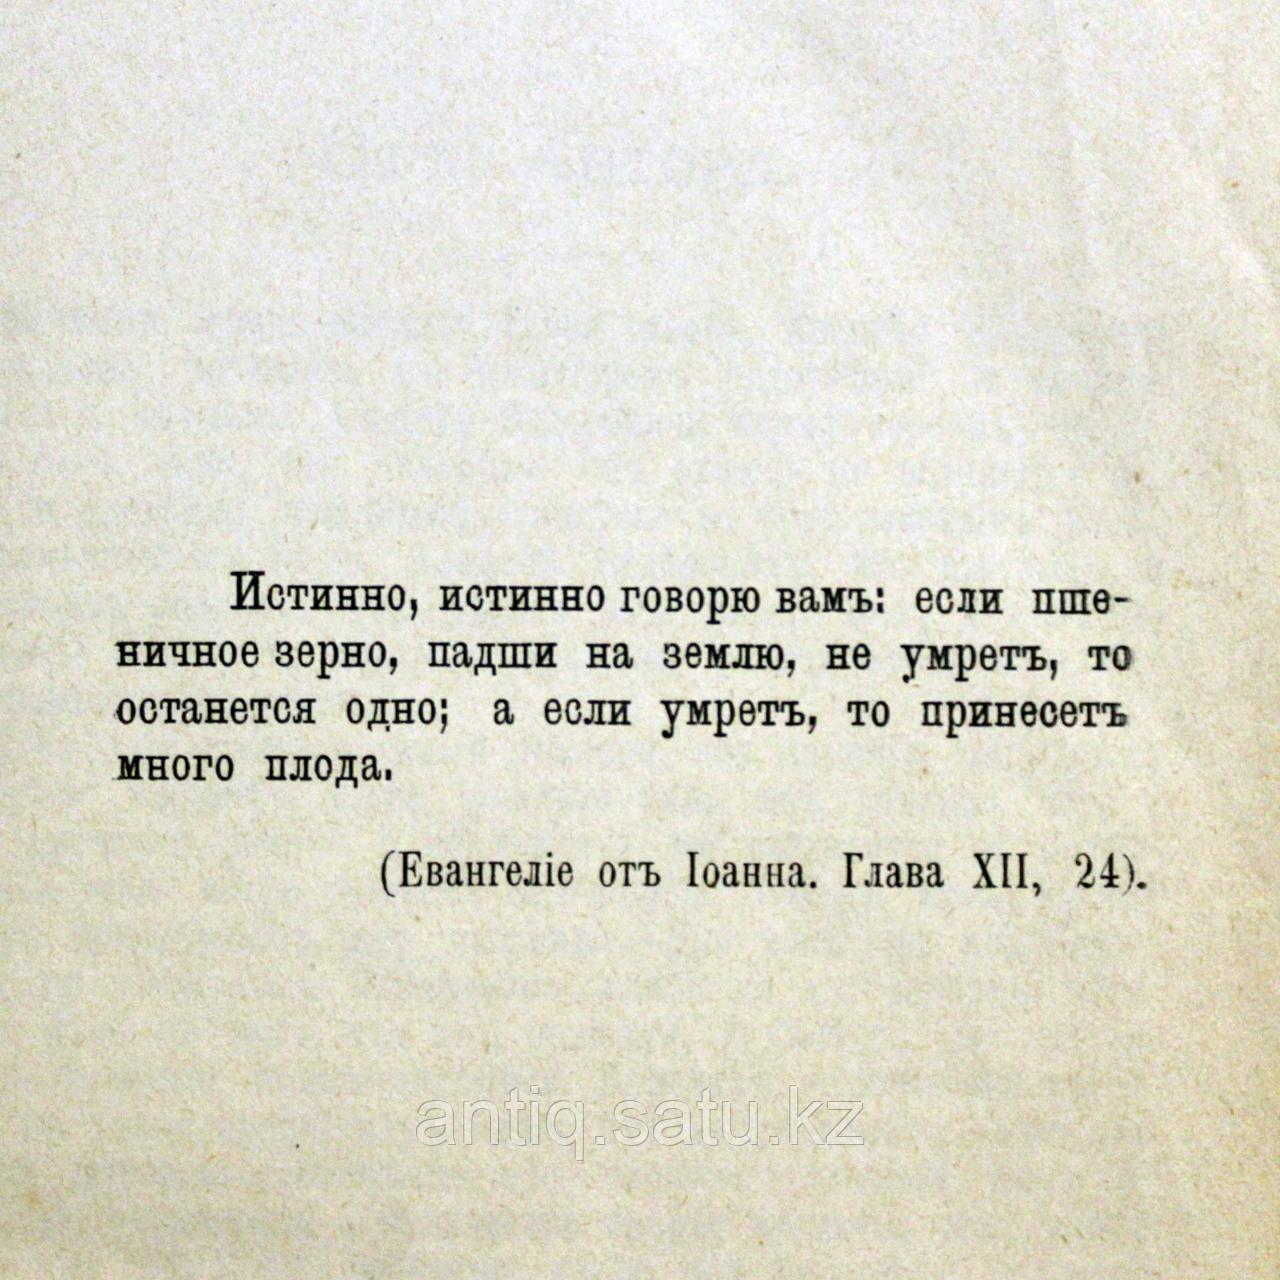 «БРАТЬЯ КАРАМАЗОВЫ» Автор - Ф. М. Достоевский (1821-1881). - фото 3